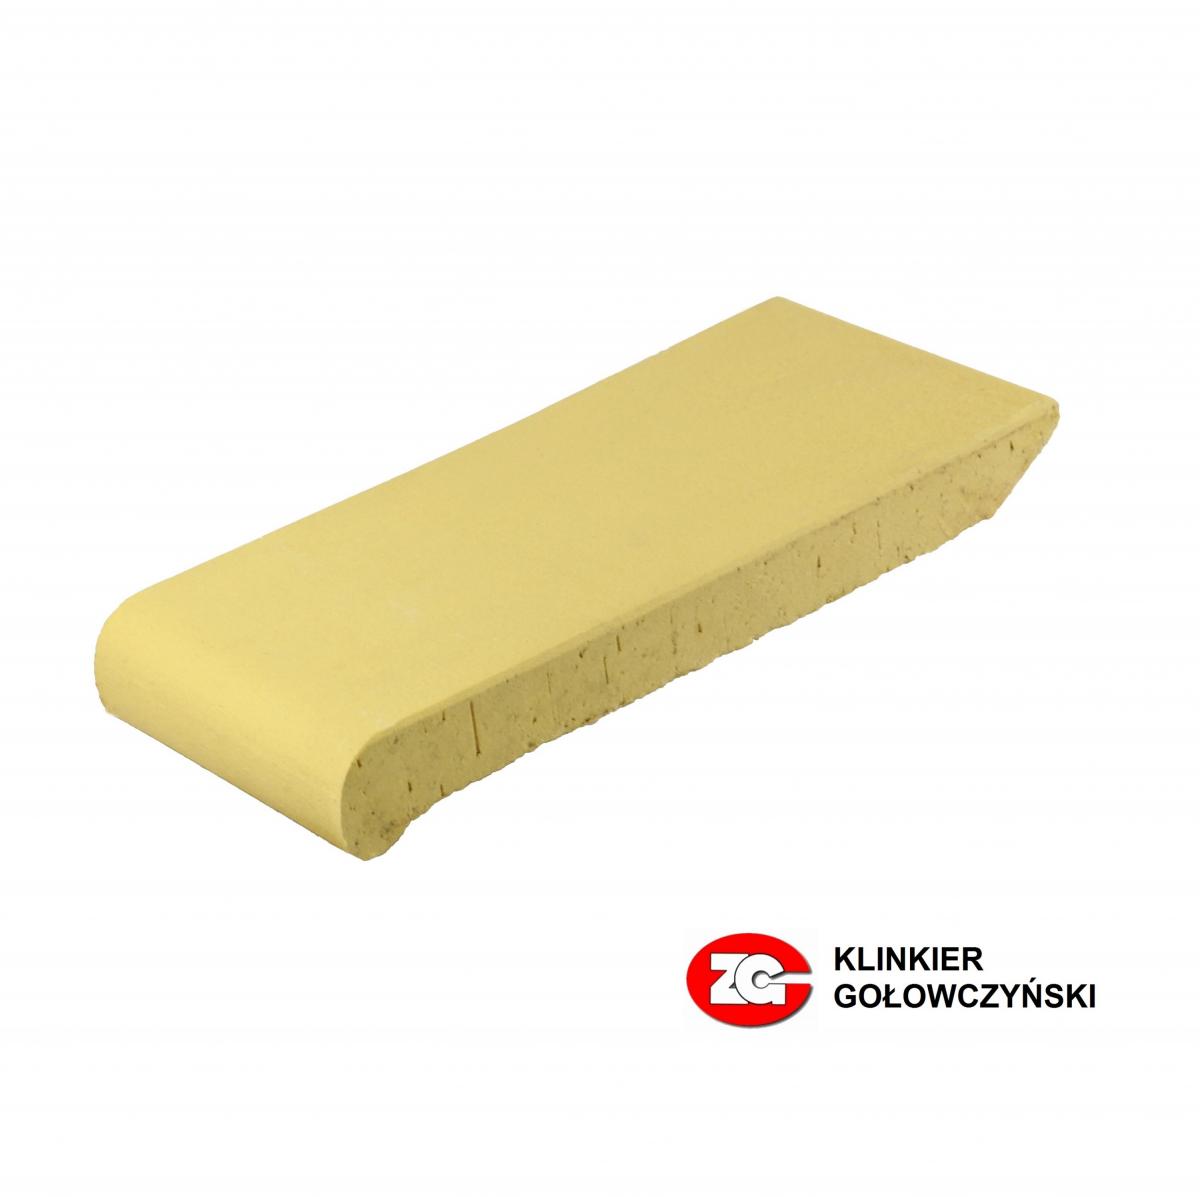 Клинкерные водоотлив для оформления окон ZG-Klinker желтый